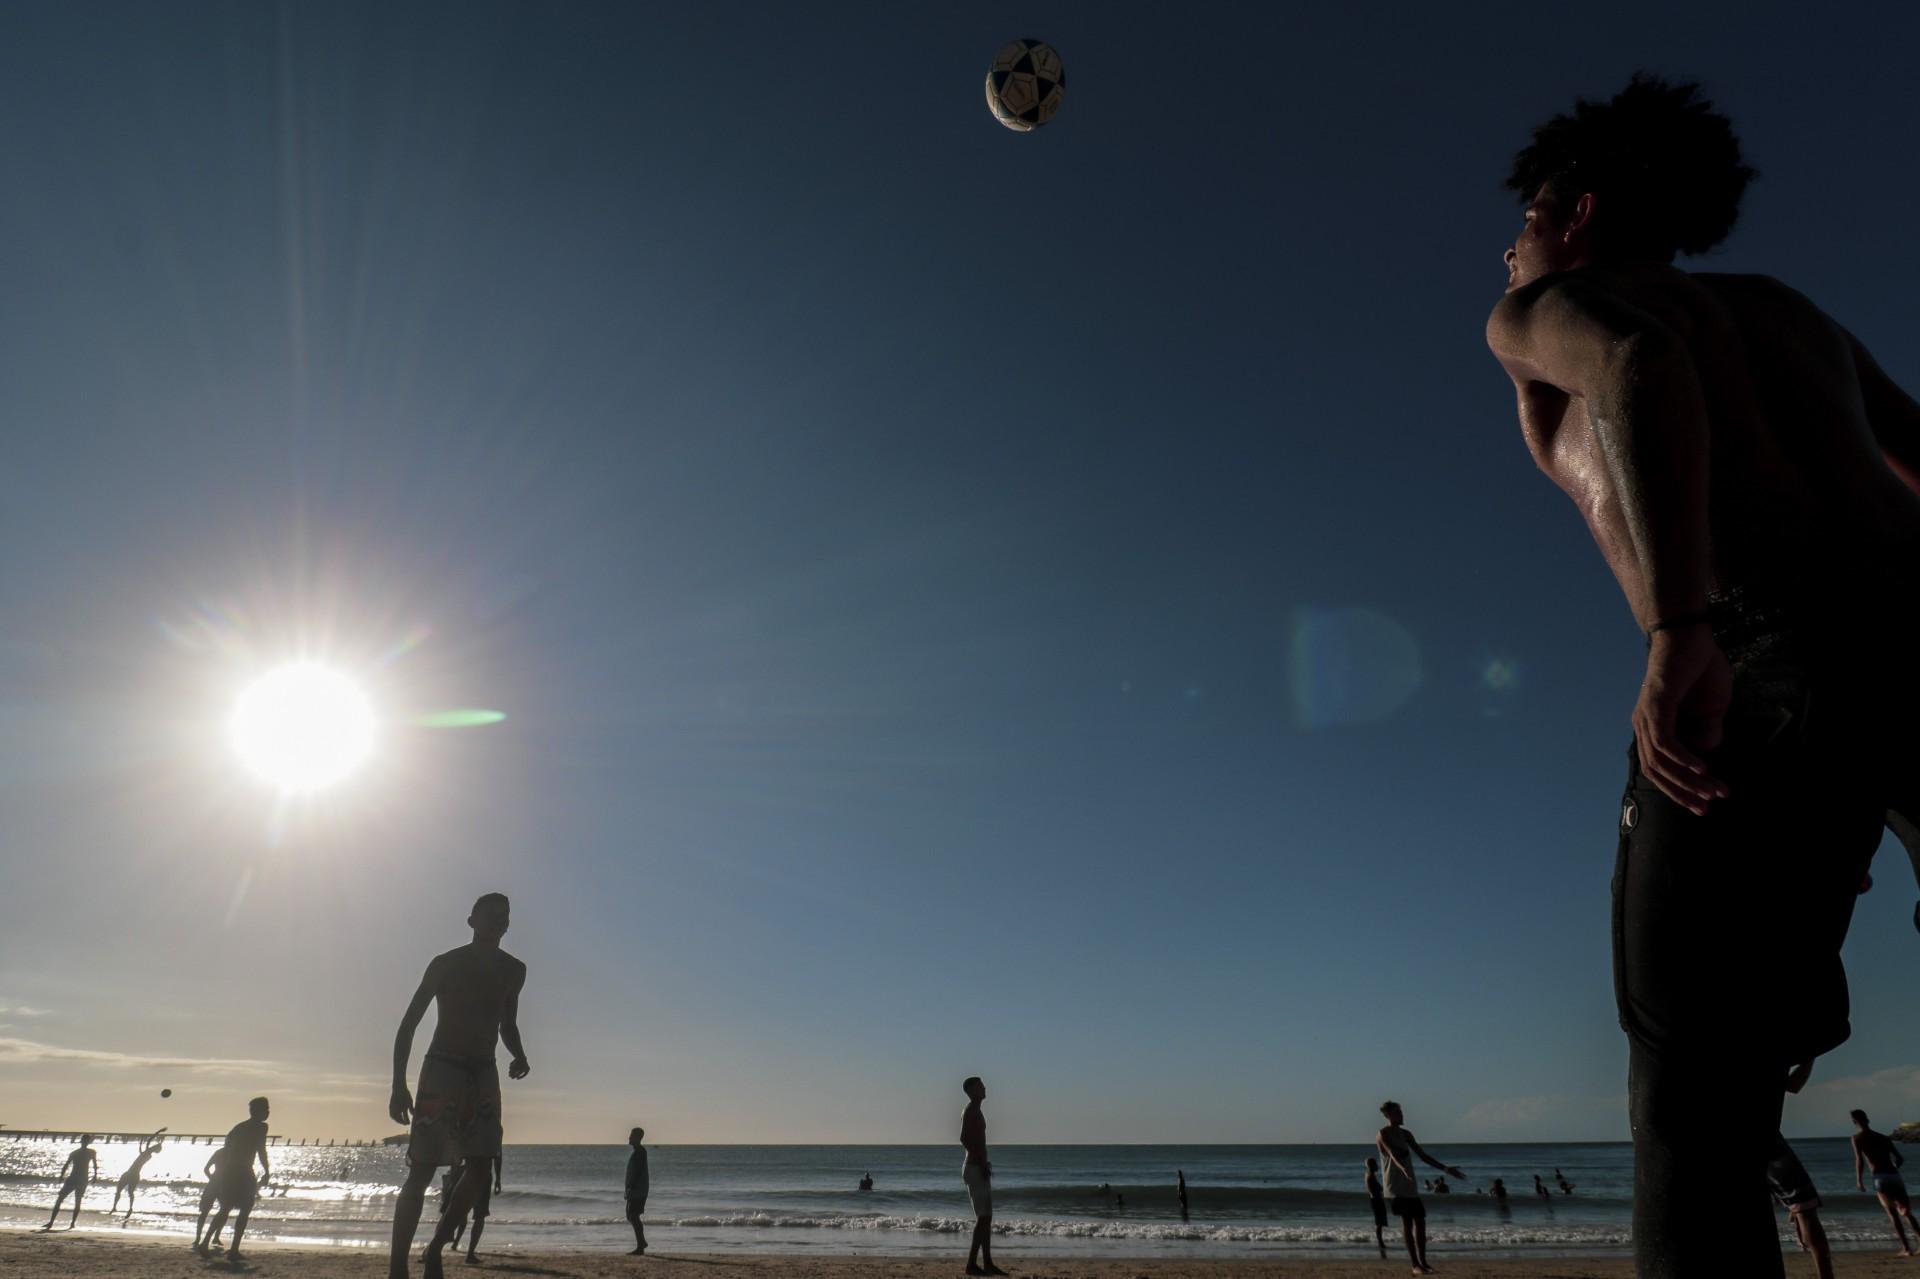 Fortaleza, Ce, BR - 21.05.2021 Movimentação de pessoas na praia dos crush e no calçadão da Praia de Iracema durante a pandemia do coronavirus. (Fco Fontenele / O POVO)